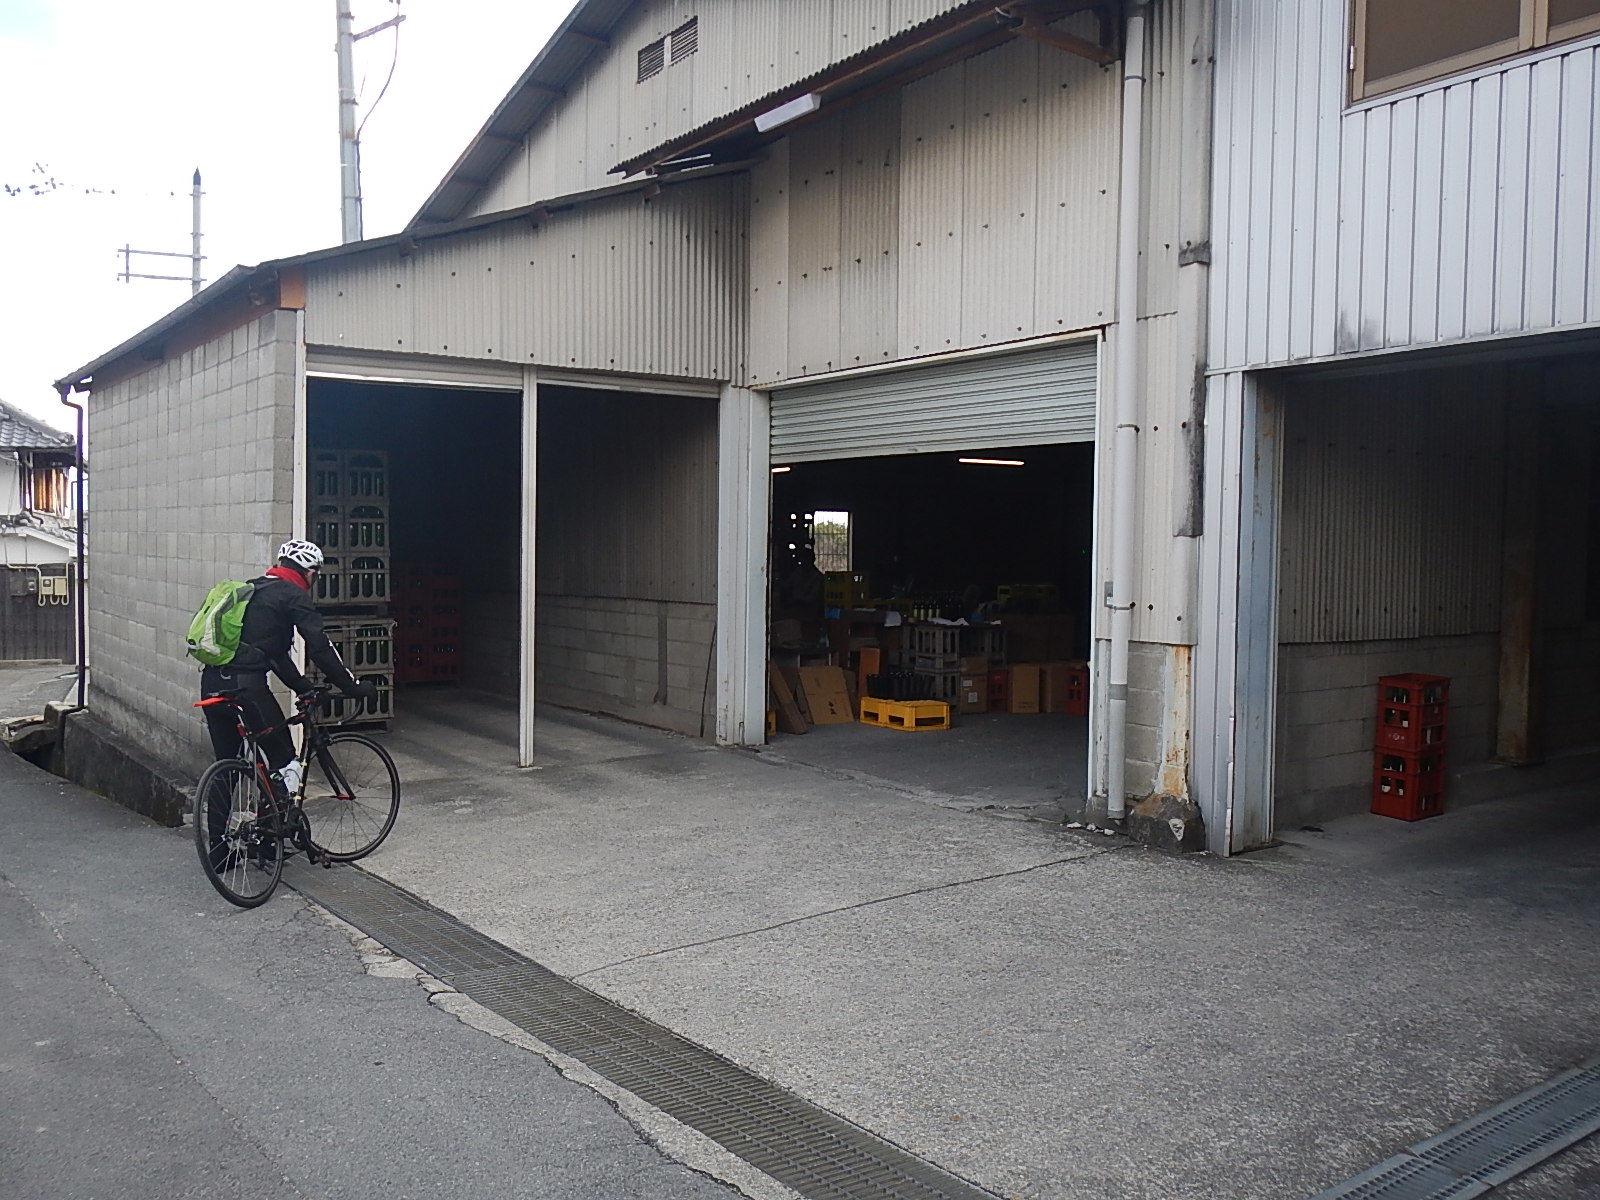 年末のちょいと寒い日にサイクリングへ出かけた件について_a0386742_20202616.jpg